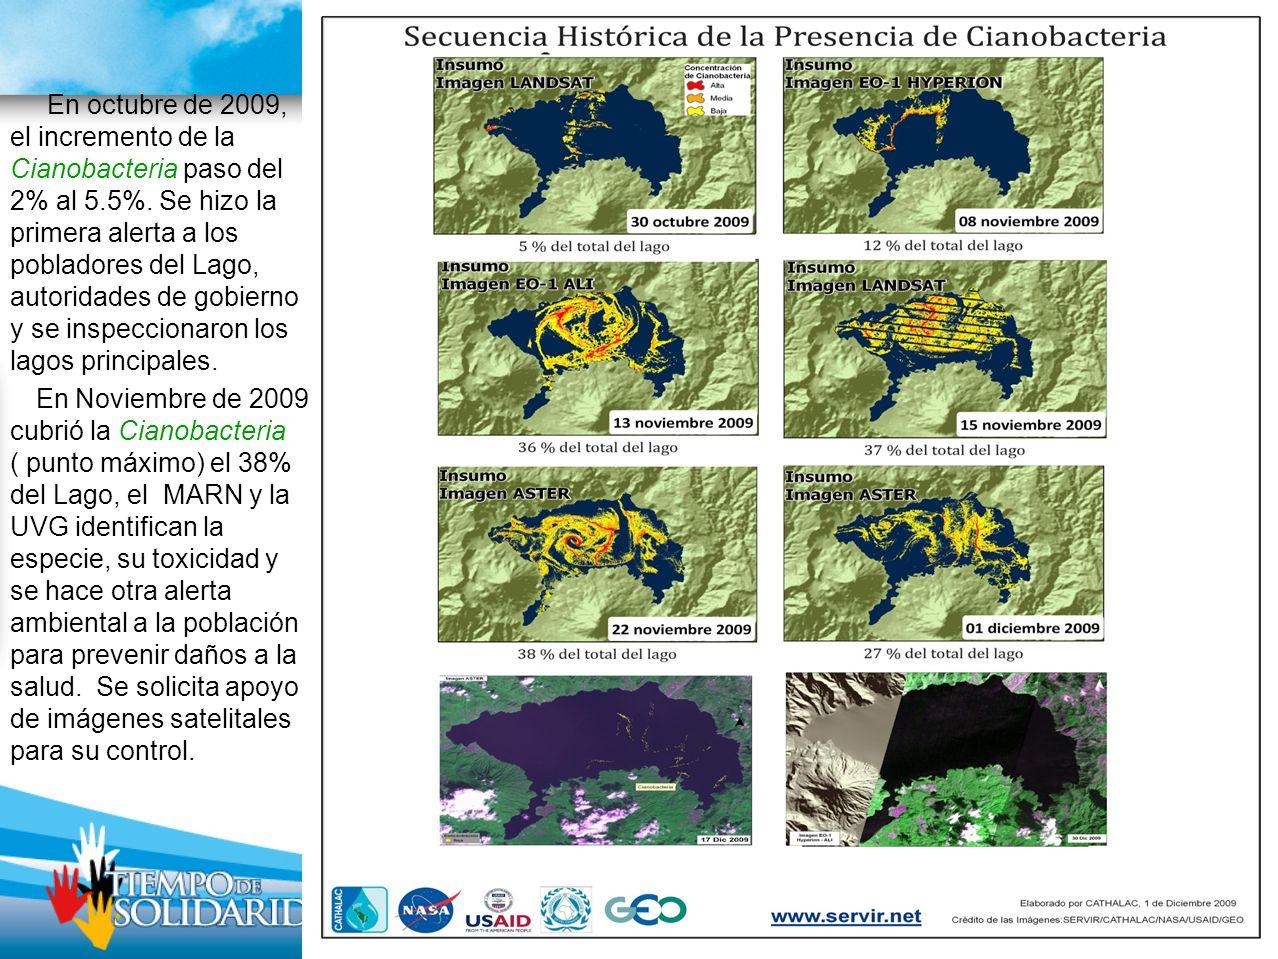 En octubre de 2009, el incremento de la Cianobacteria paso del 2% al 5.5%. Se hizo la primera alerta a los pobladores del Lago, autoridades de gobiern